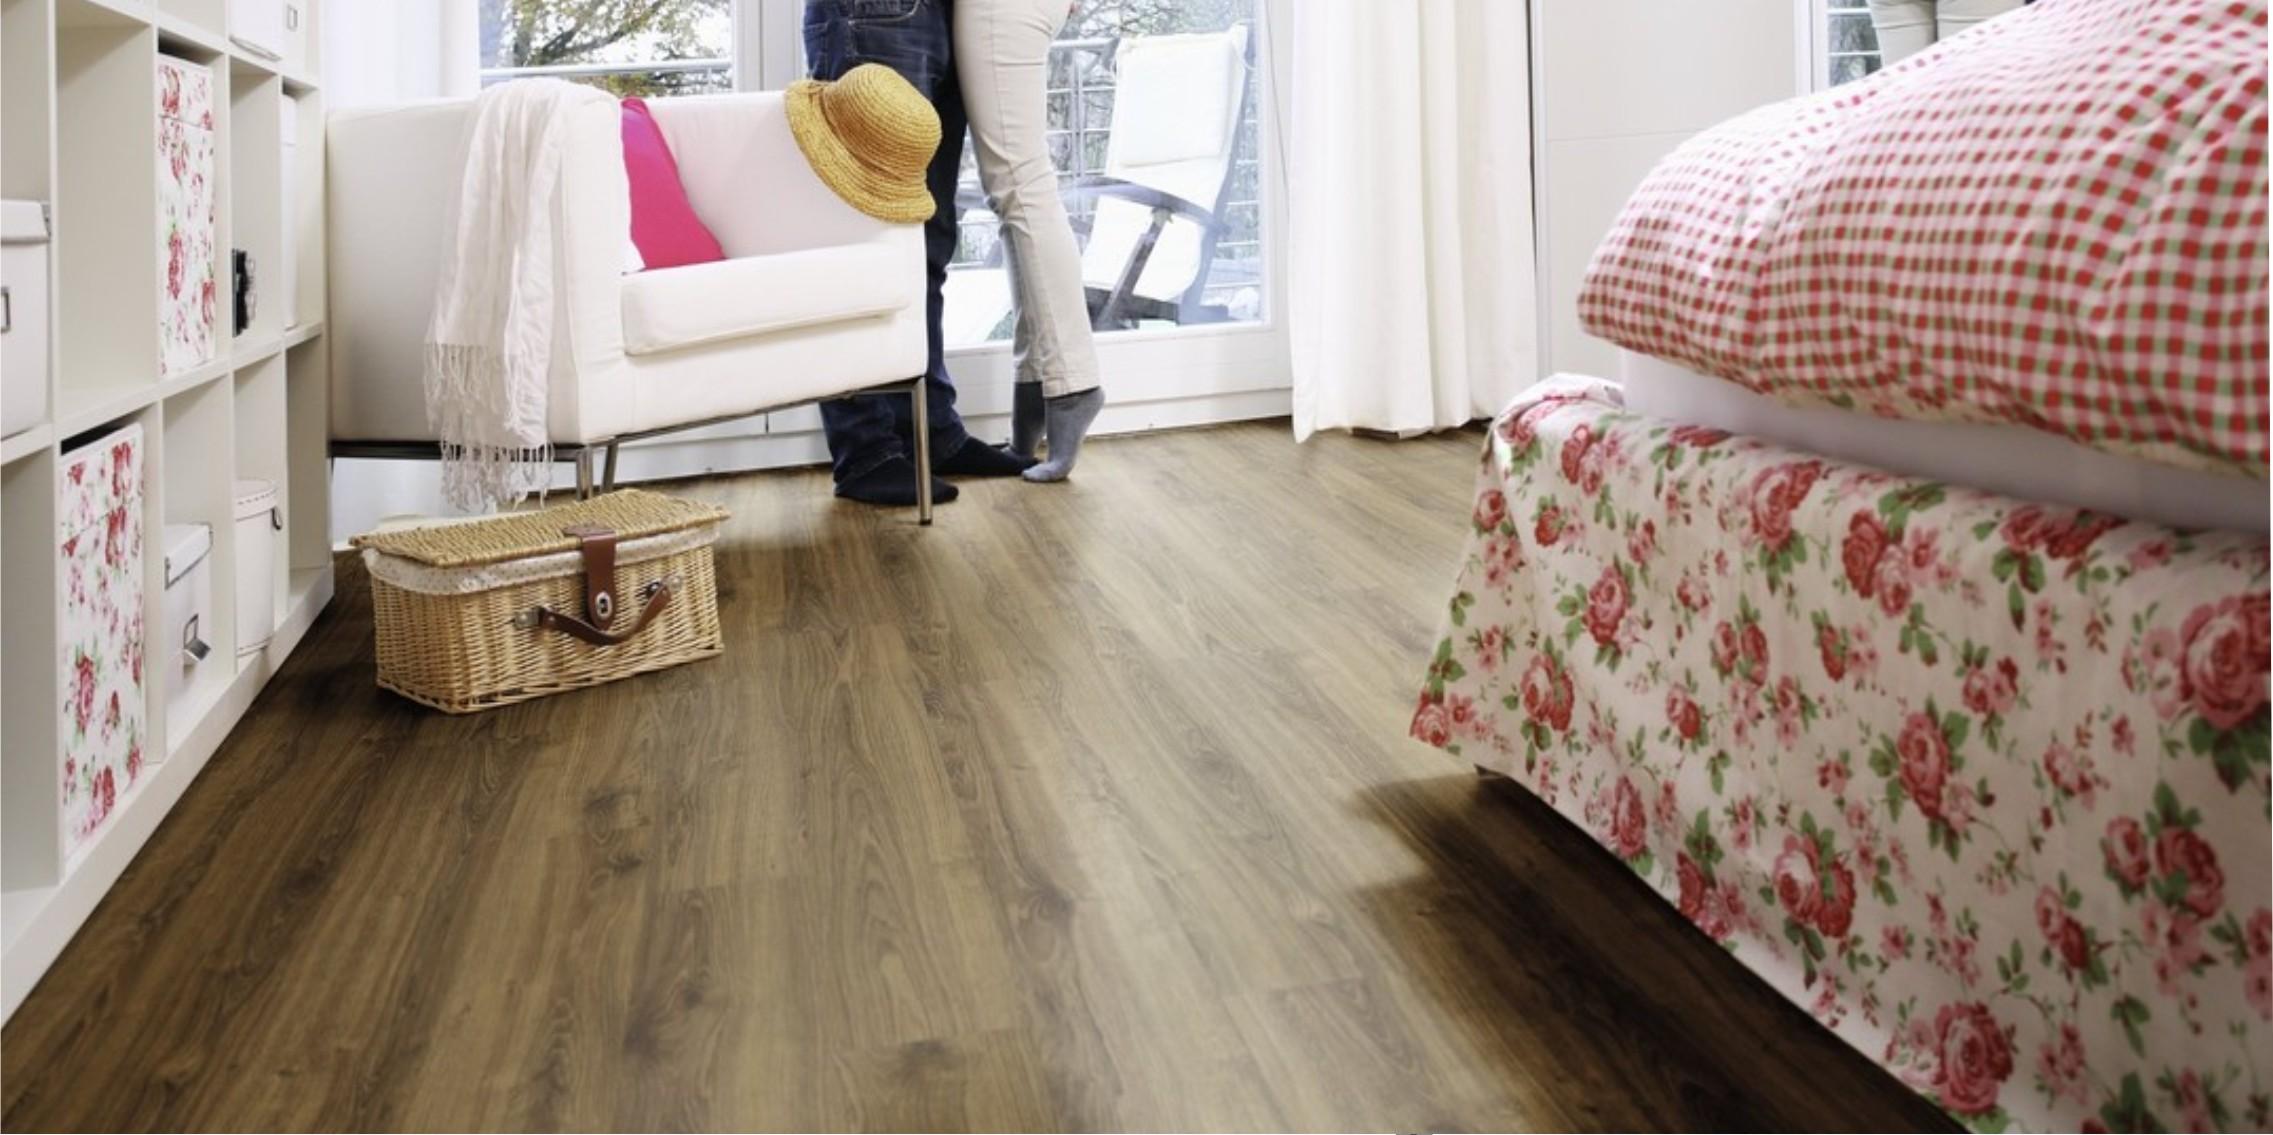 Möbel Sinsheim kemmler küchen möbel einrichtungen designbeläge